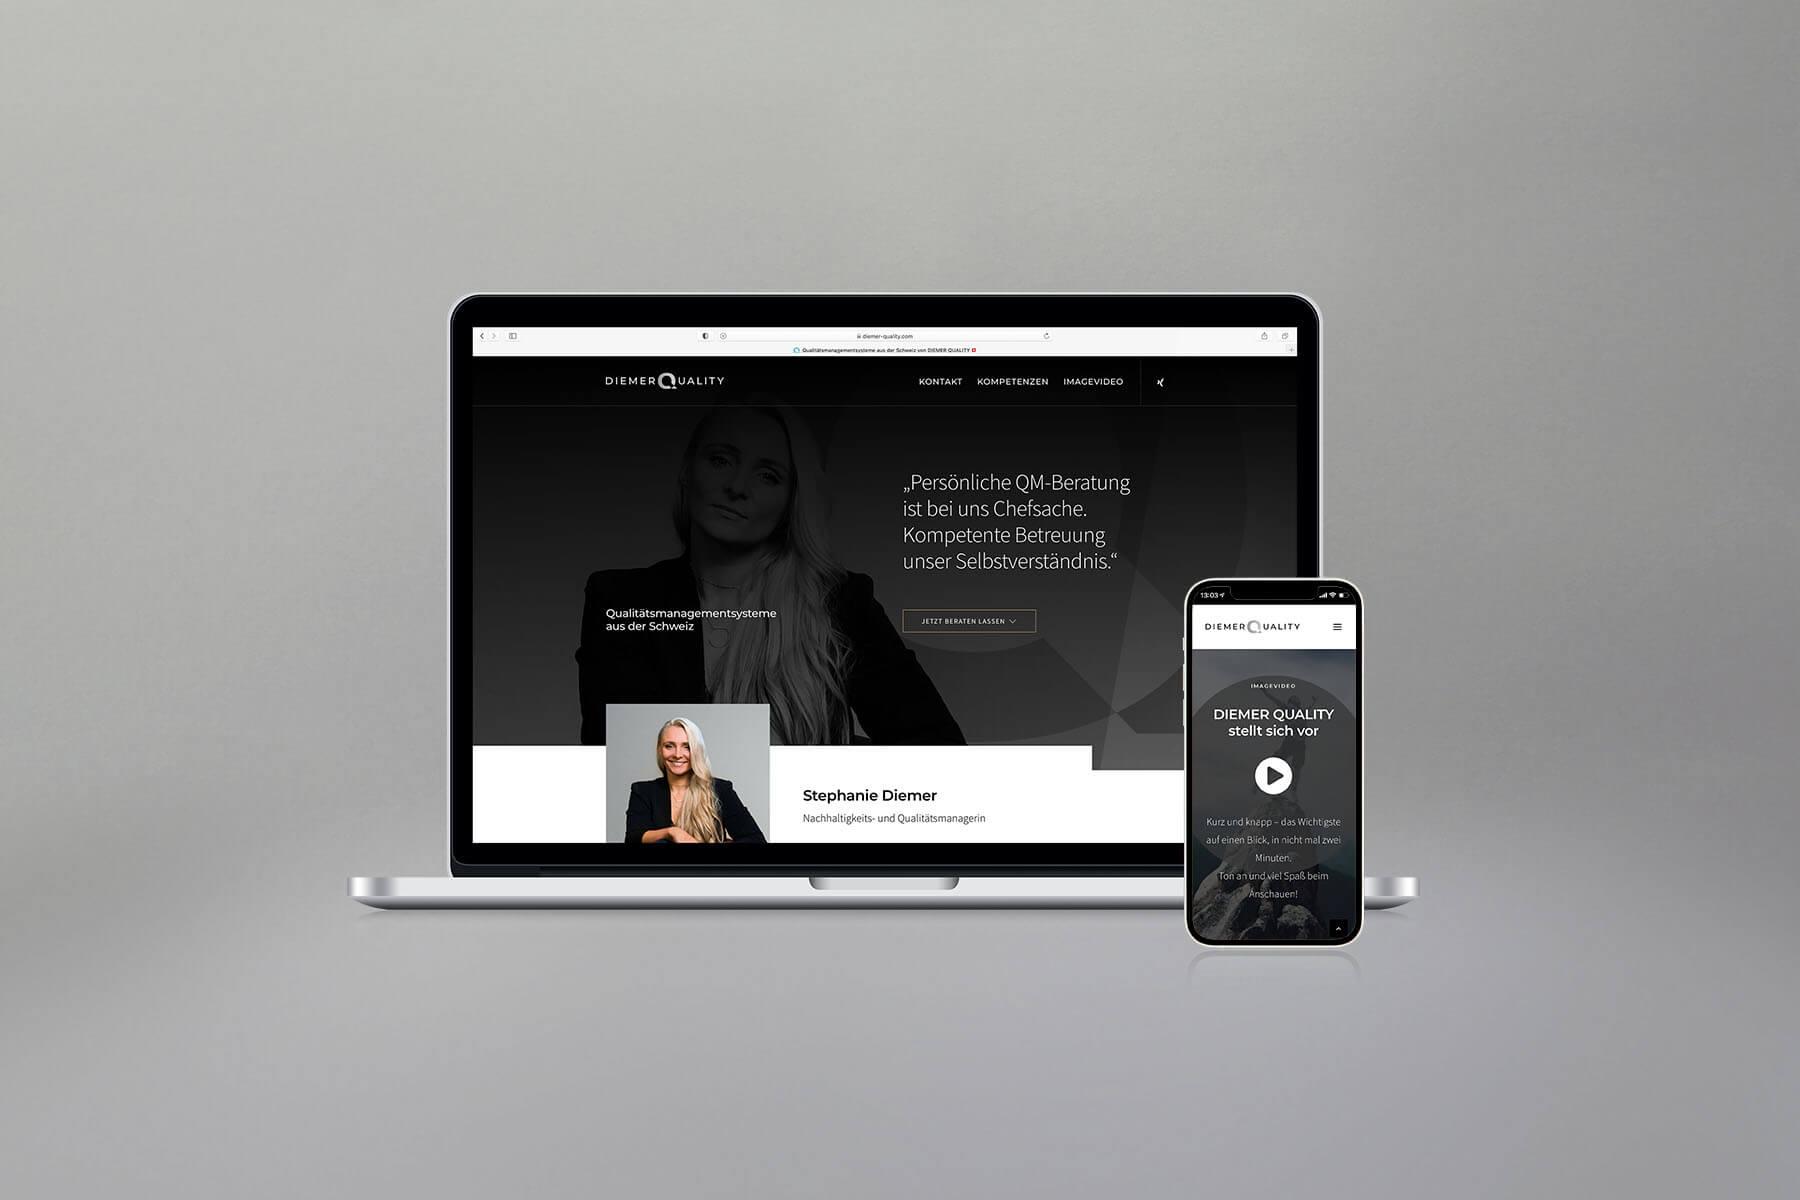 Agentur-Referenzen: Webdesign und WordPress Website für Nachhaltigkeitsberatung und Qualitätsmanagement